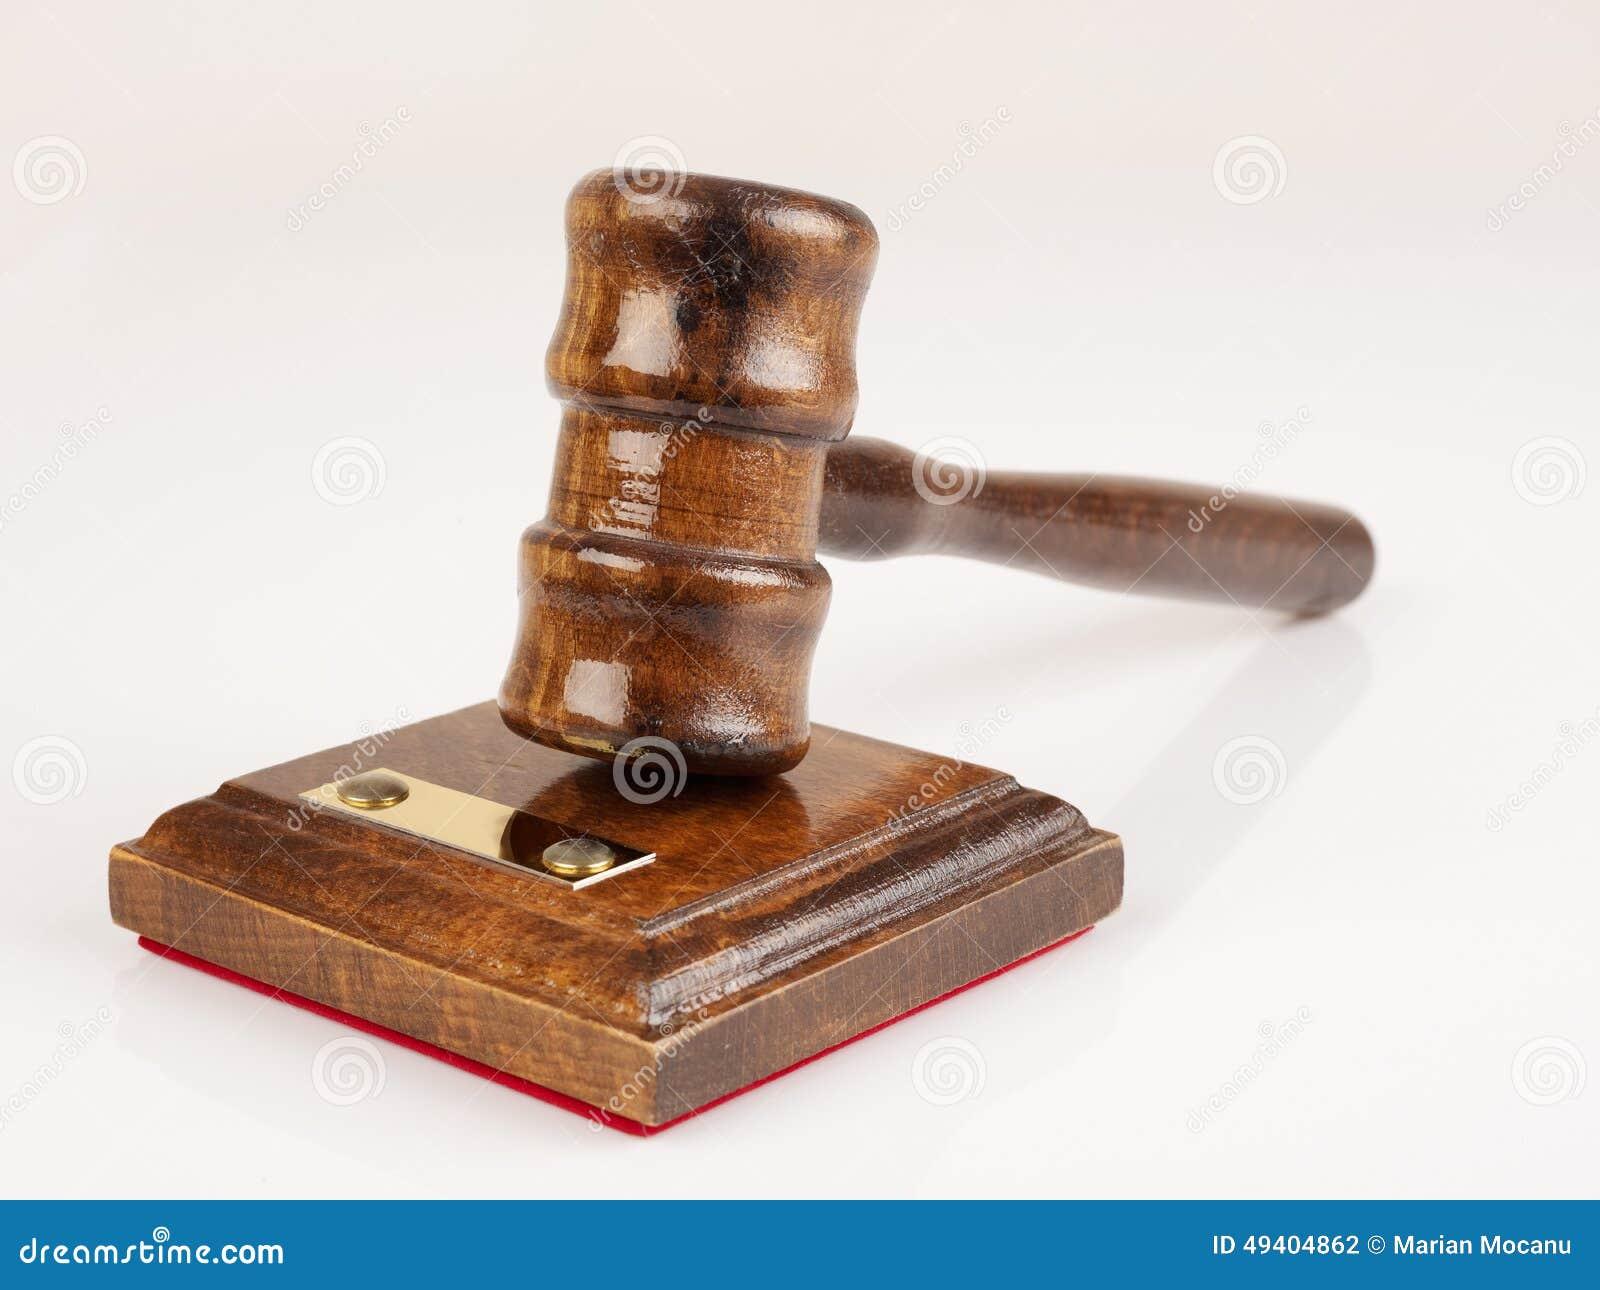 Download Hammer des Rechtsanwalts stockfoto. Bild von hammer, leuchte - 49404862